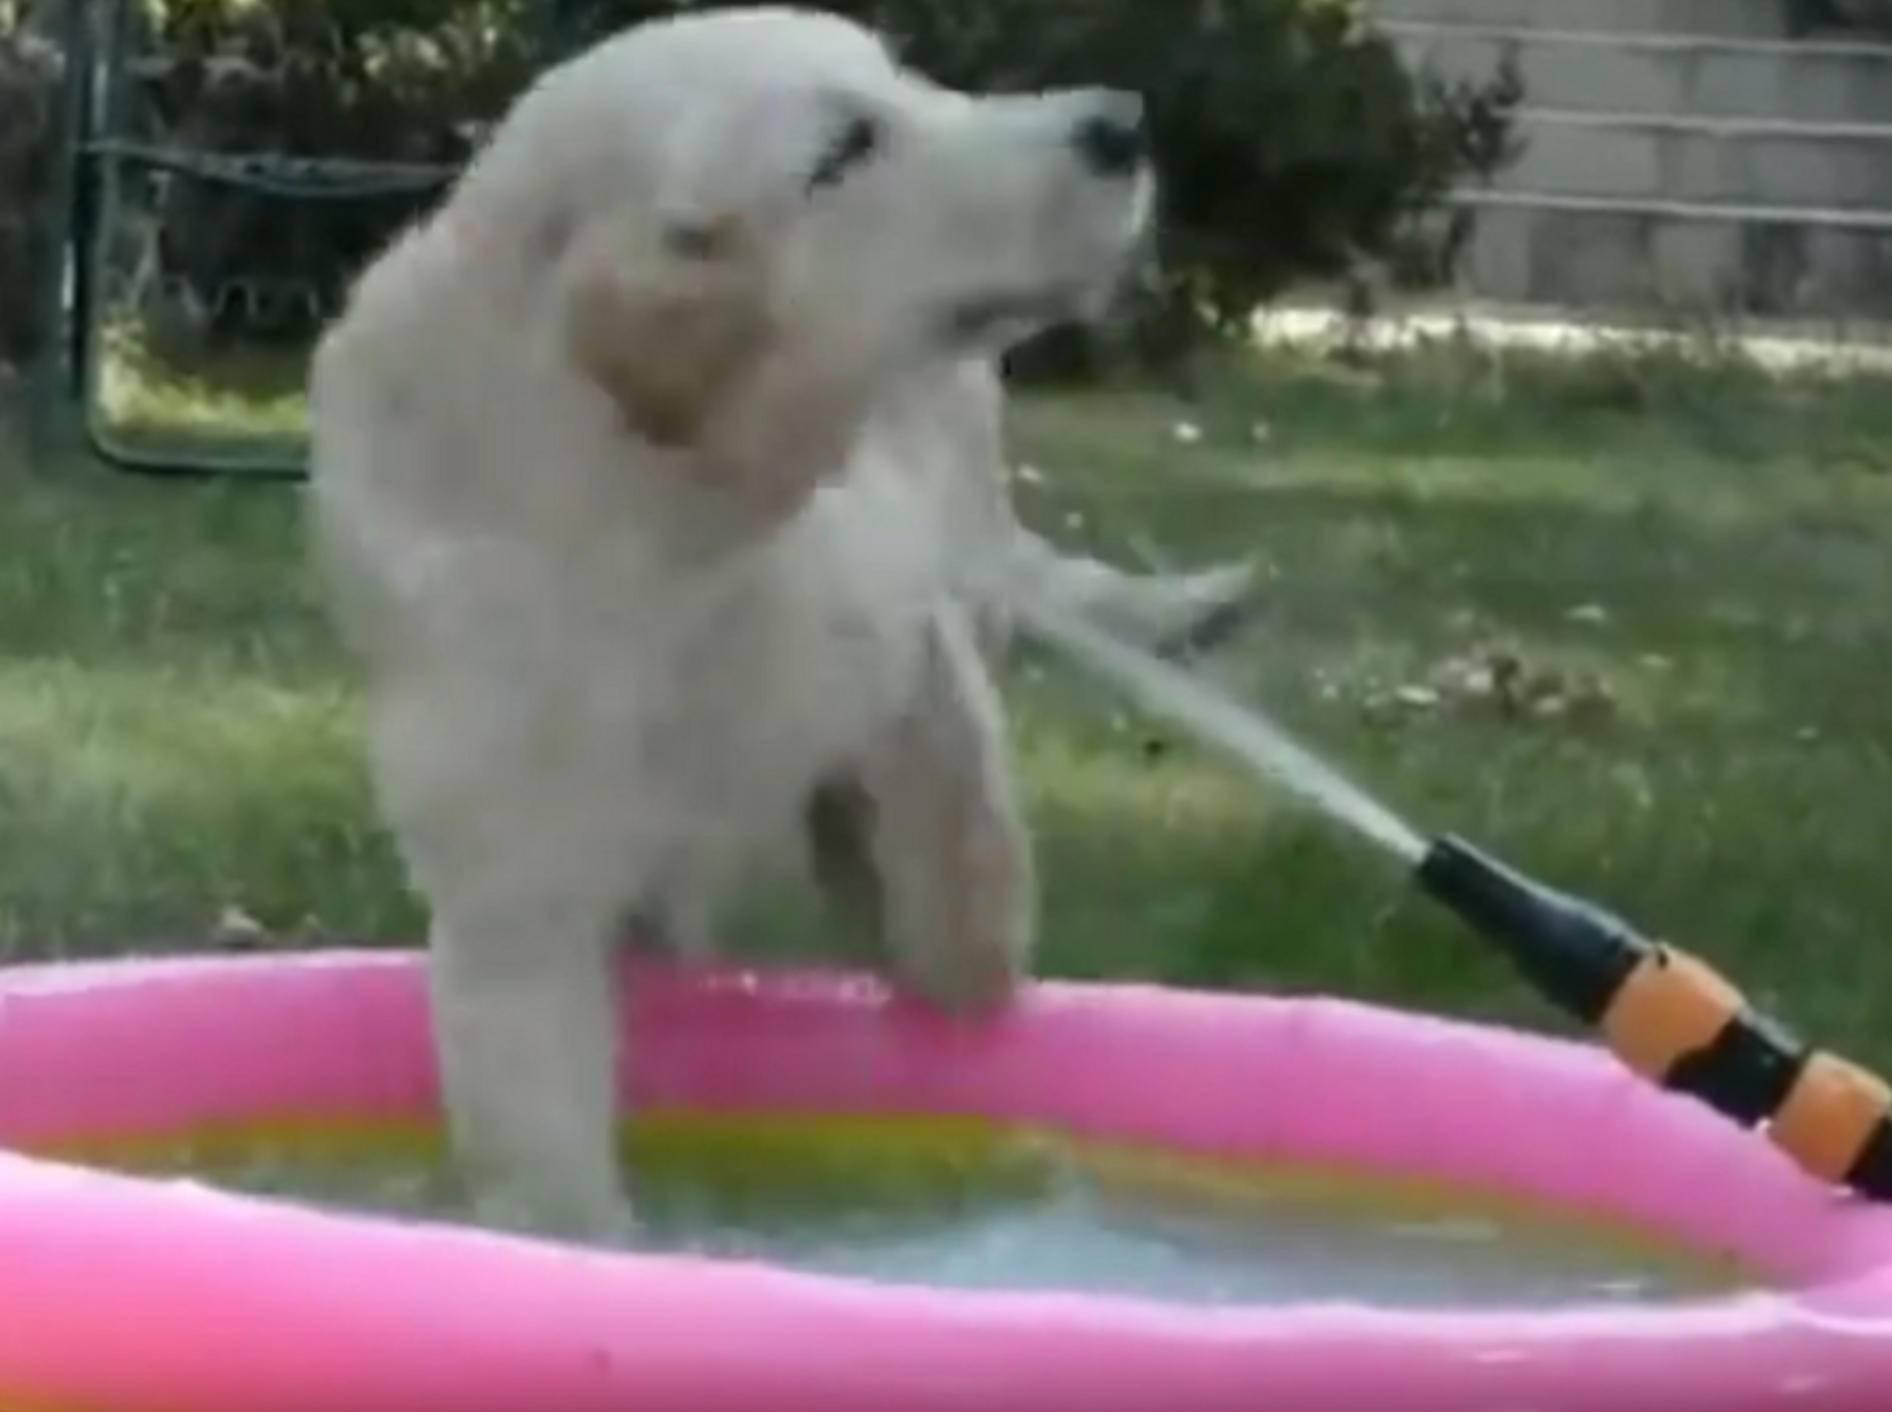 Der kleine Golden Retriever hat einen neuen Freund in diesem spannenden Wasserstrahl gefunden – YouTube / Rumble Viral